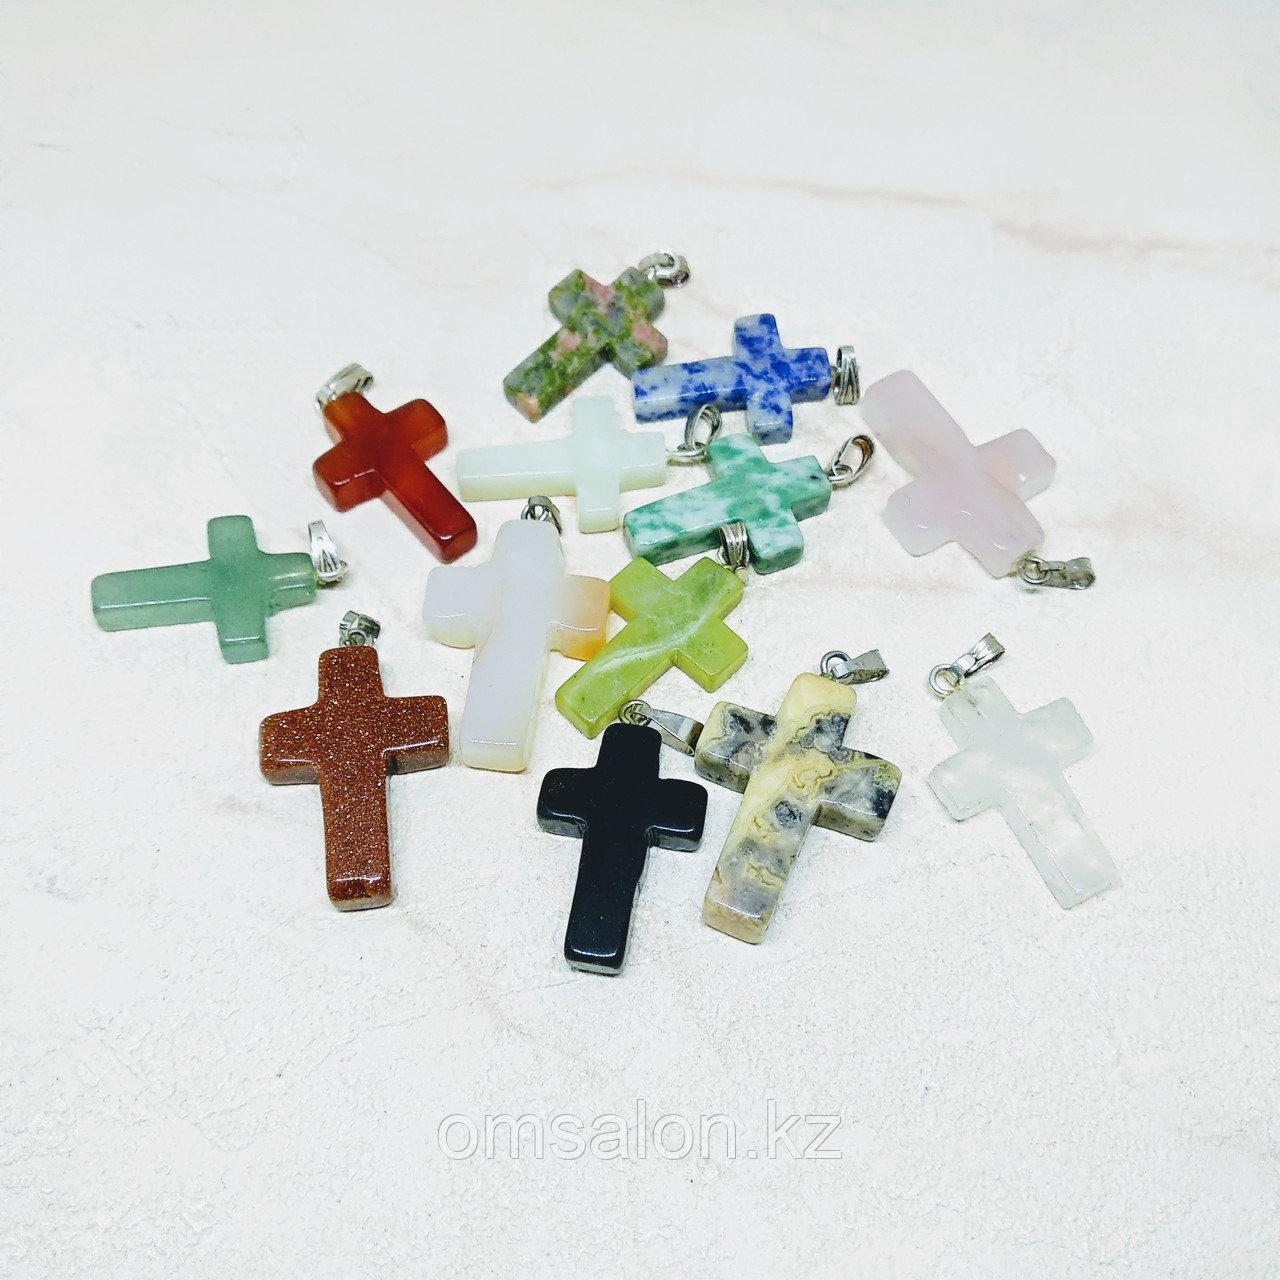 Крестик из натурального камня